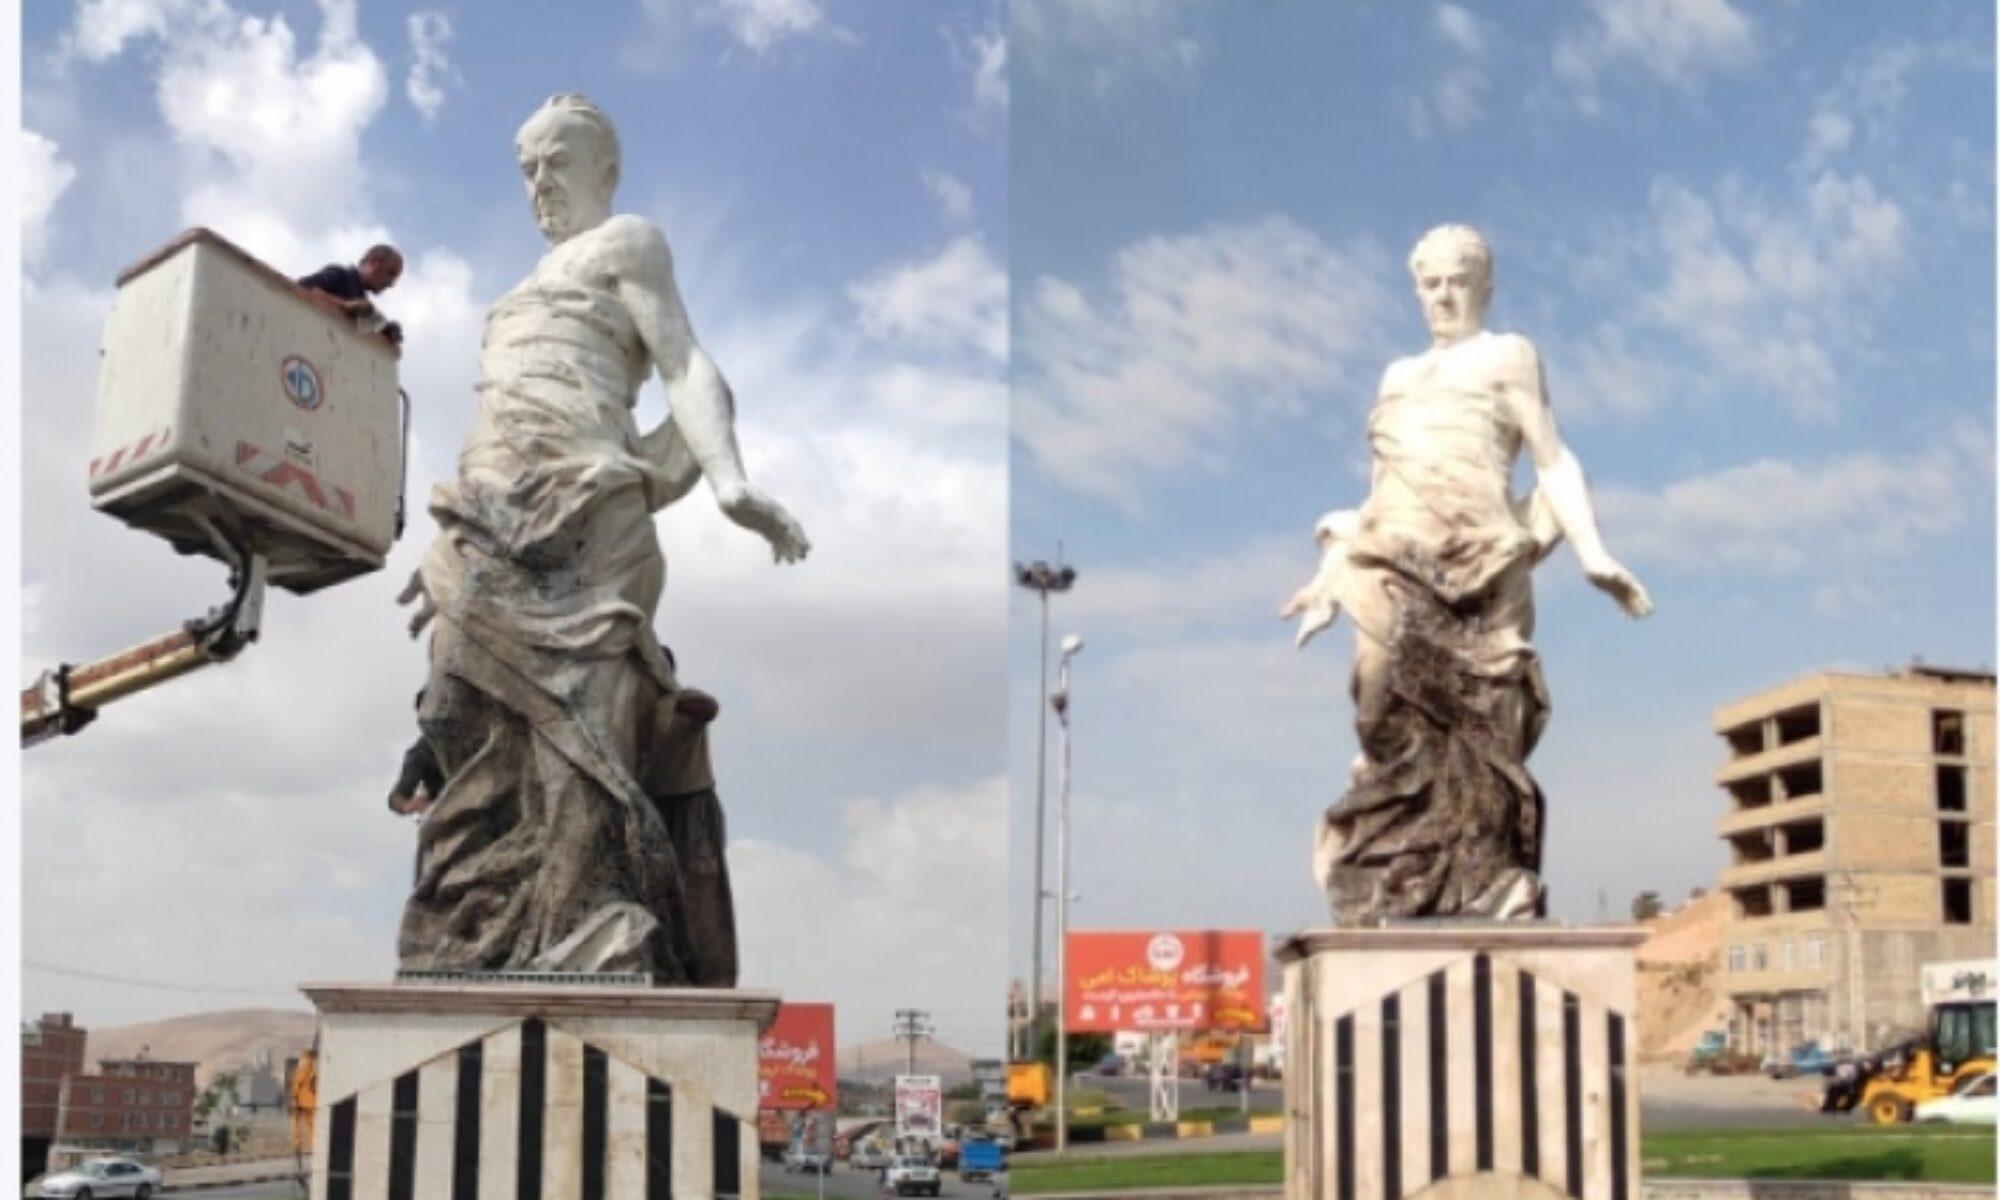 Mahabad'da Kürt şair-yazar Hejar Mukrîyanî'nin heykeli yakıldı